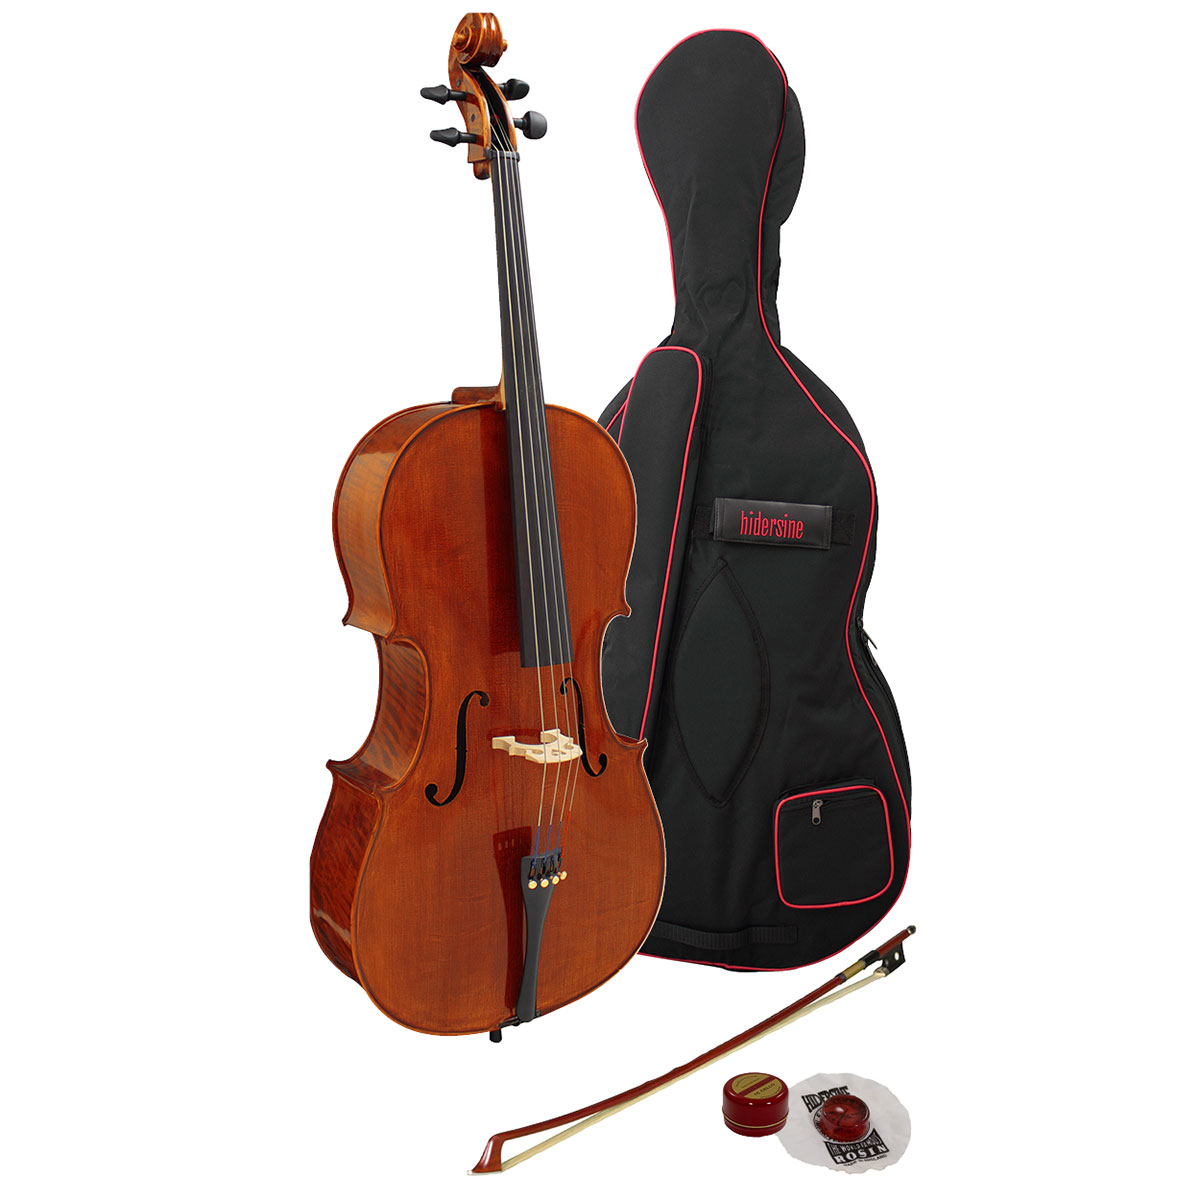 Hidersine Cello Piacenza Finetune 4/4 Outfit